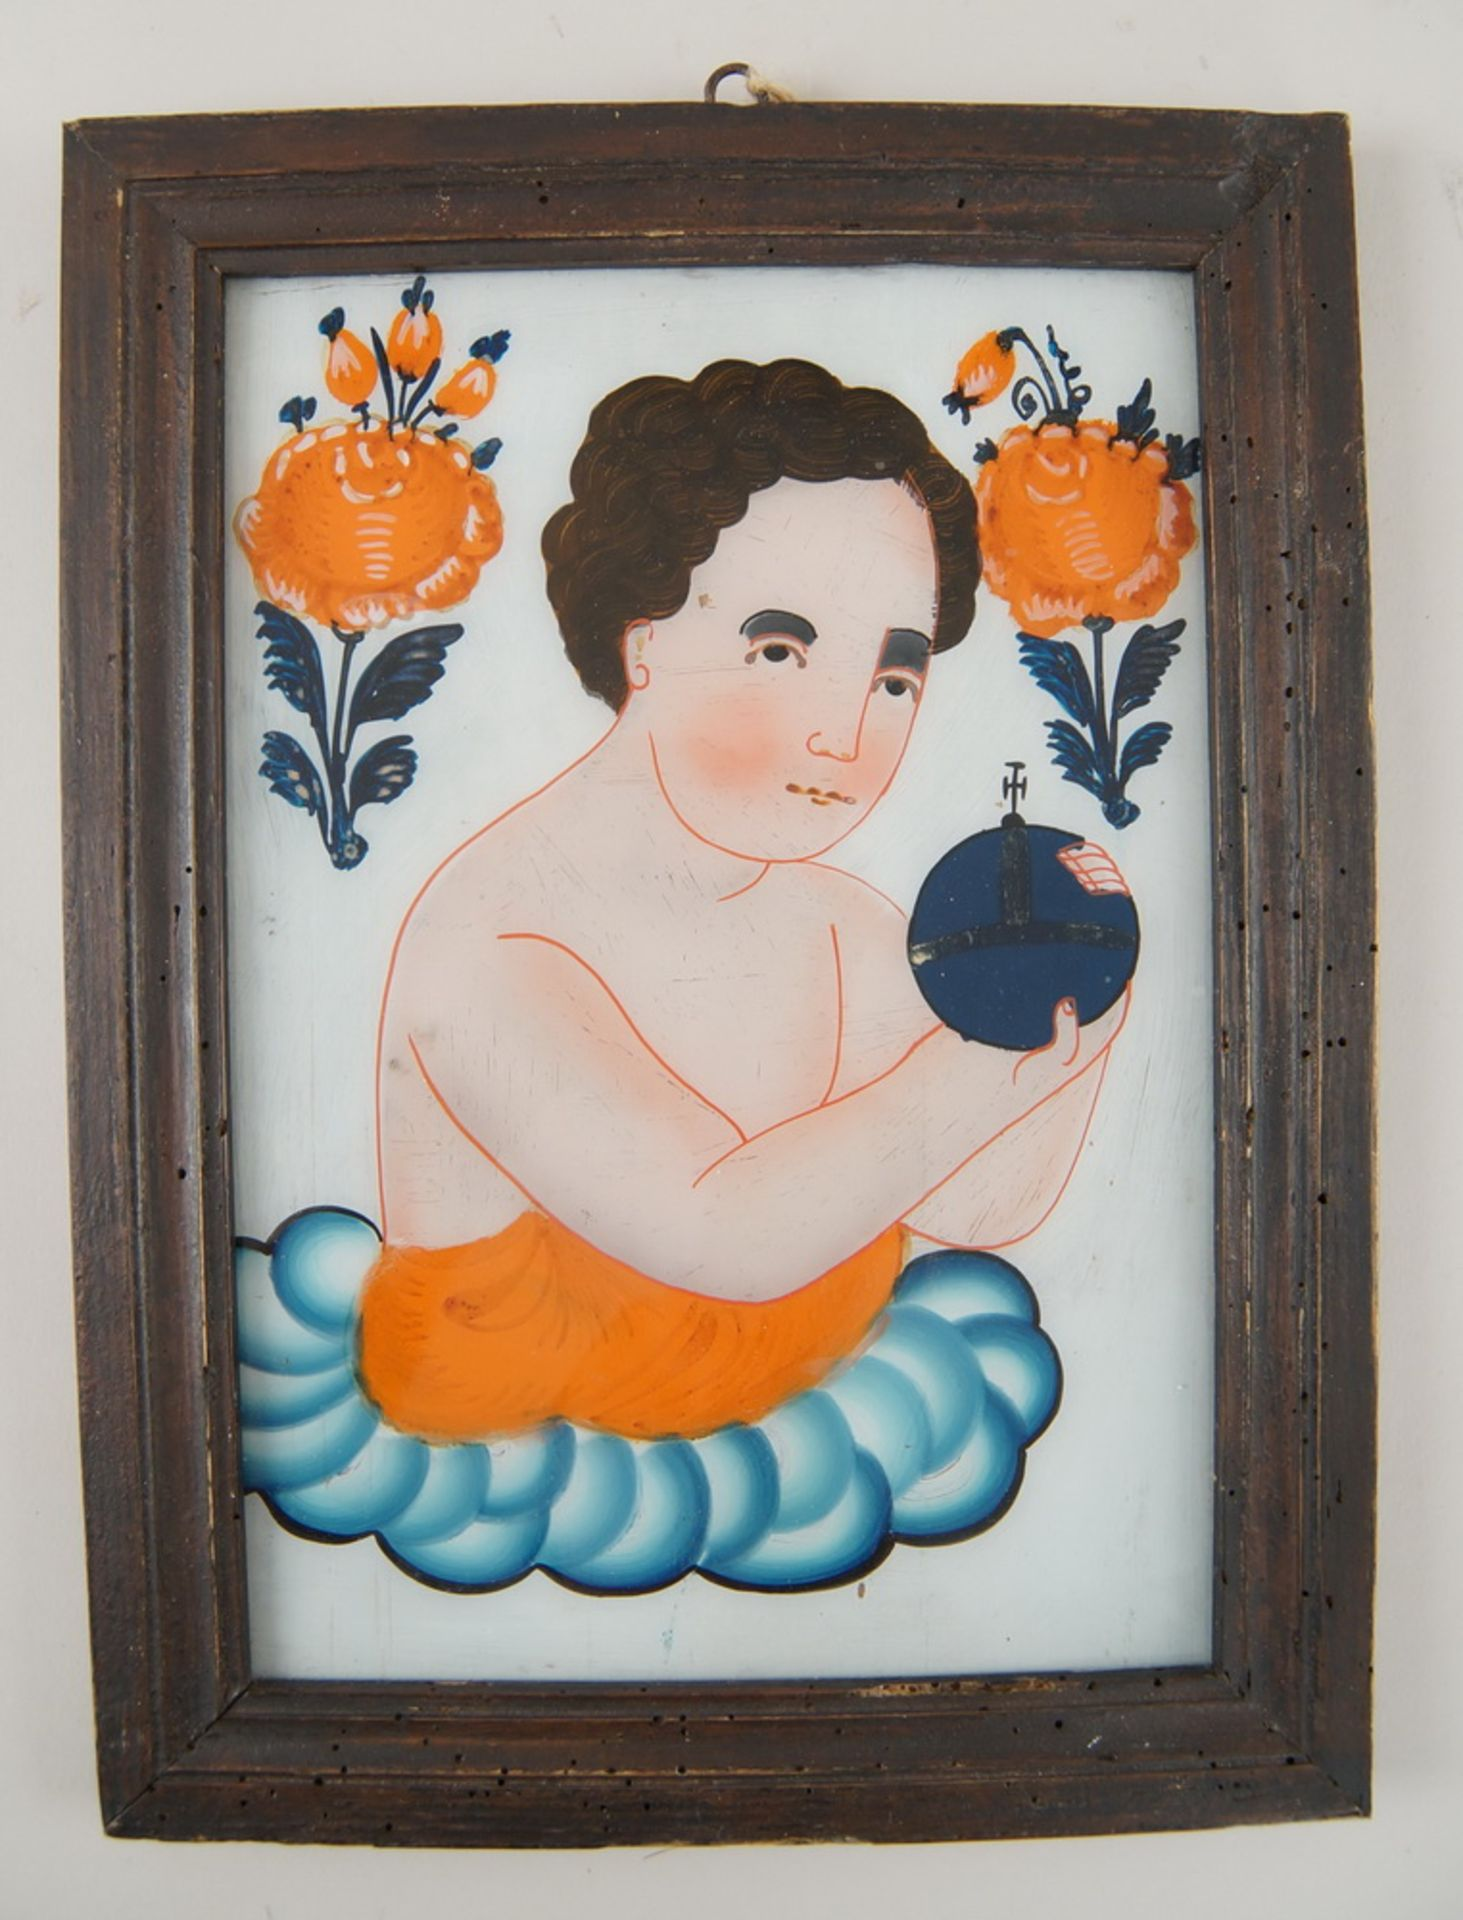 Hinterglasbild / Hinterglasmalerei, Jesuskind, mit Holzrahmen, 30,5x22,5cm - Bild 2 aus 5